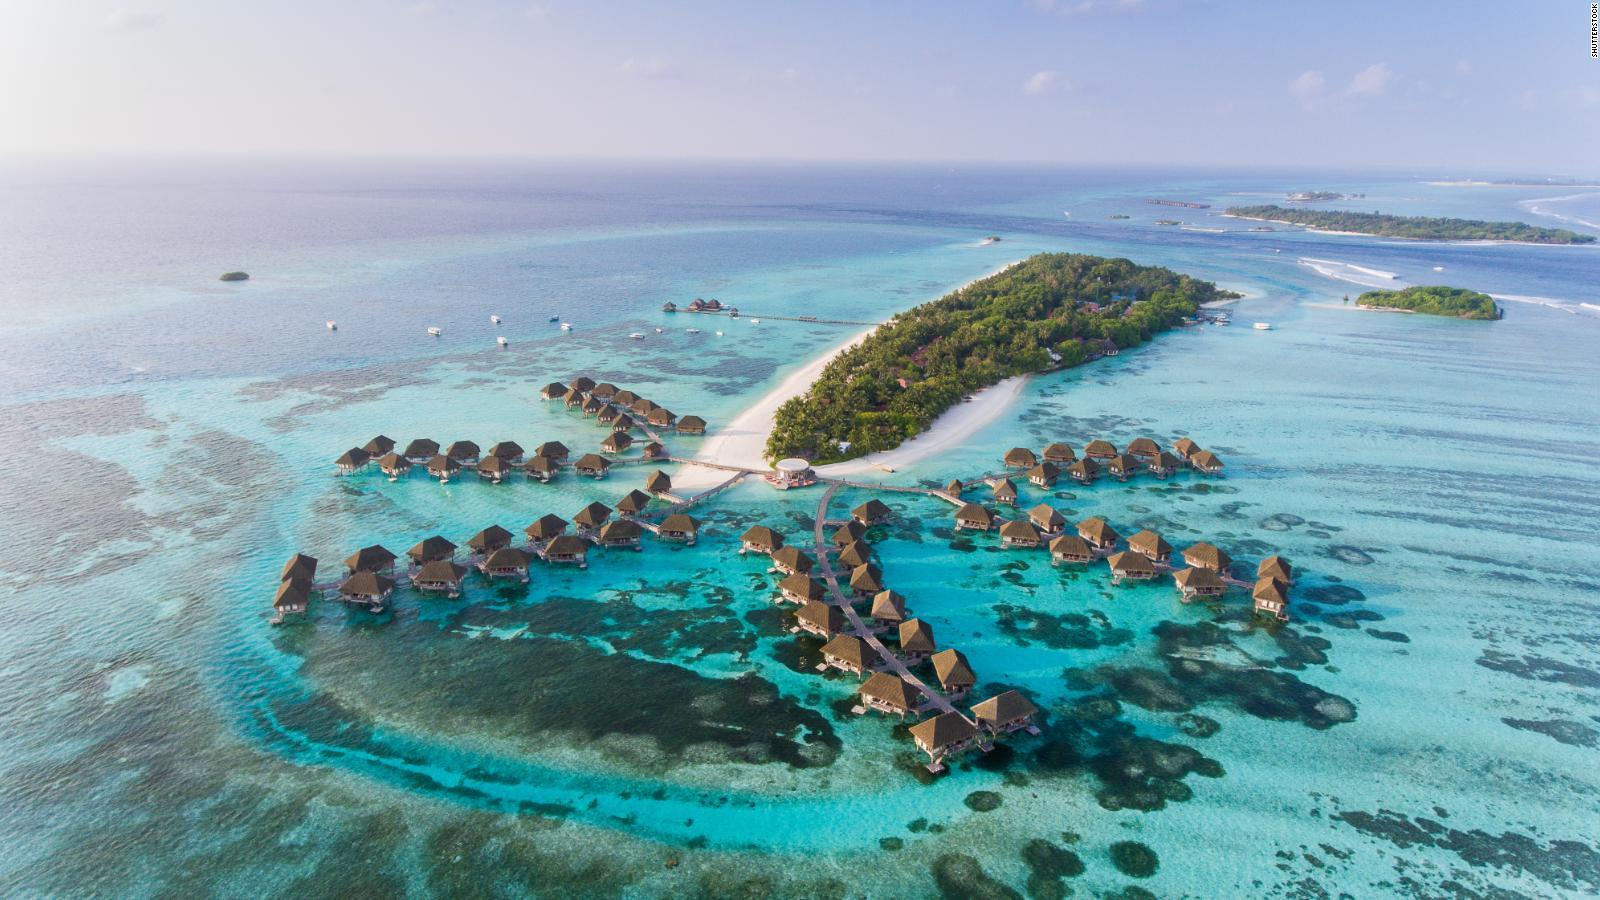 ParadiseTravel! Всё о Мальдивах! Туры на Мальдивы! Отдых на Мальдивах! Спецпредложения акции и горящие туры на Мальдивы